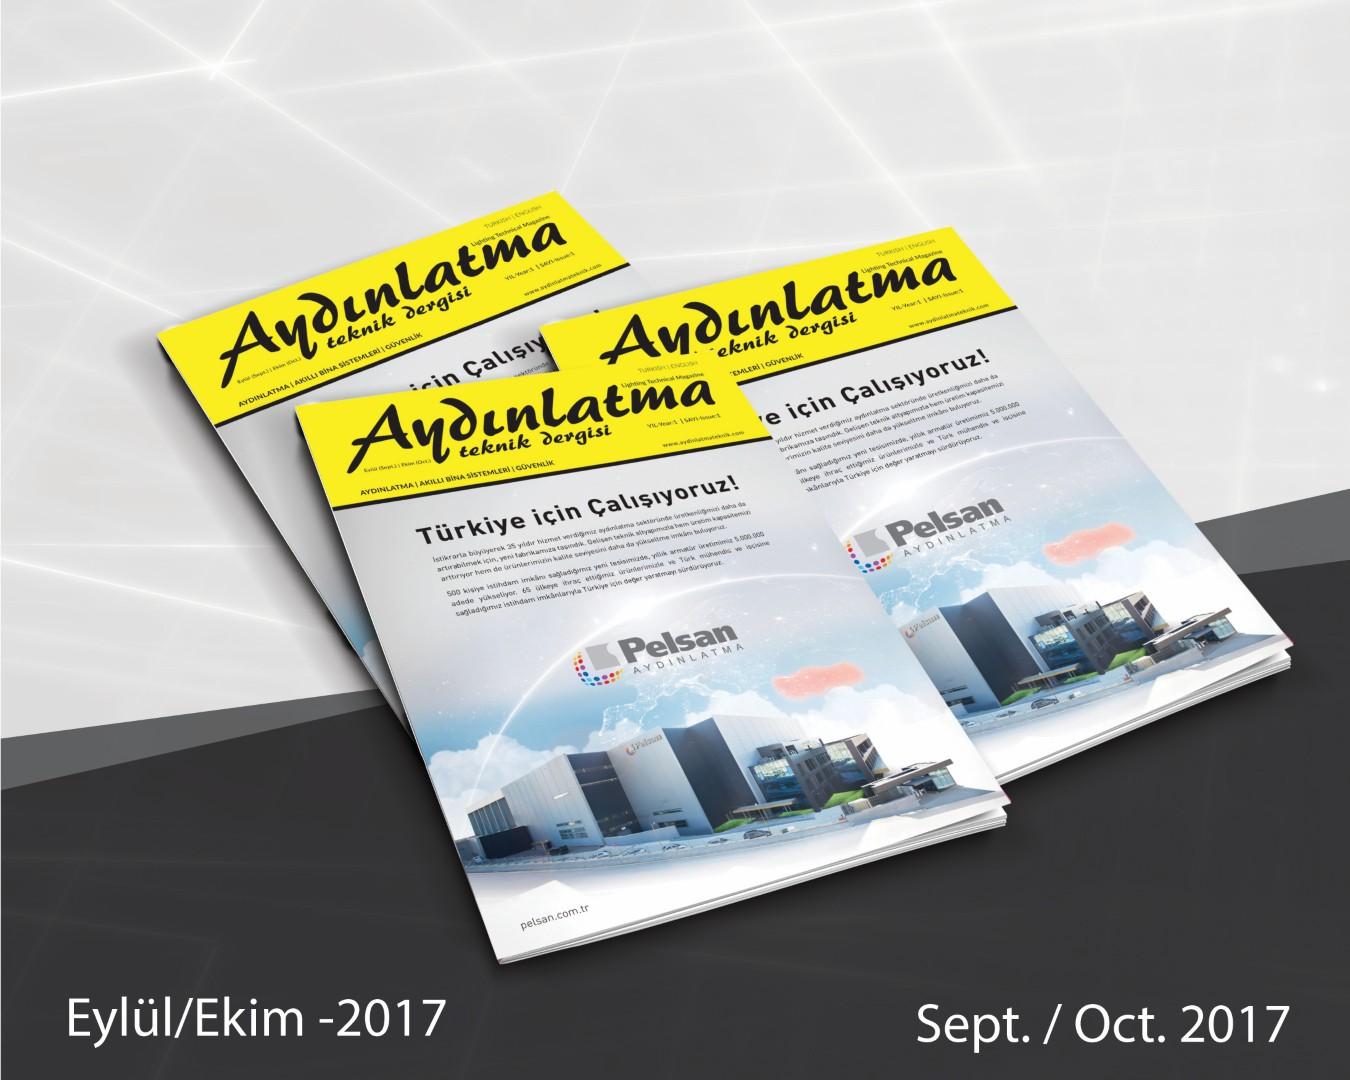 Aydınlatma Teknik Dergisi Eylül/Ekim 2017